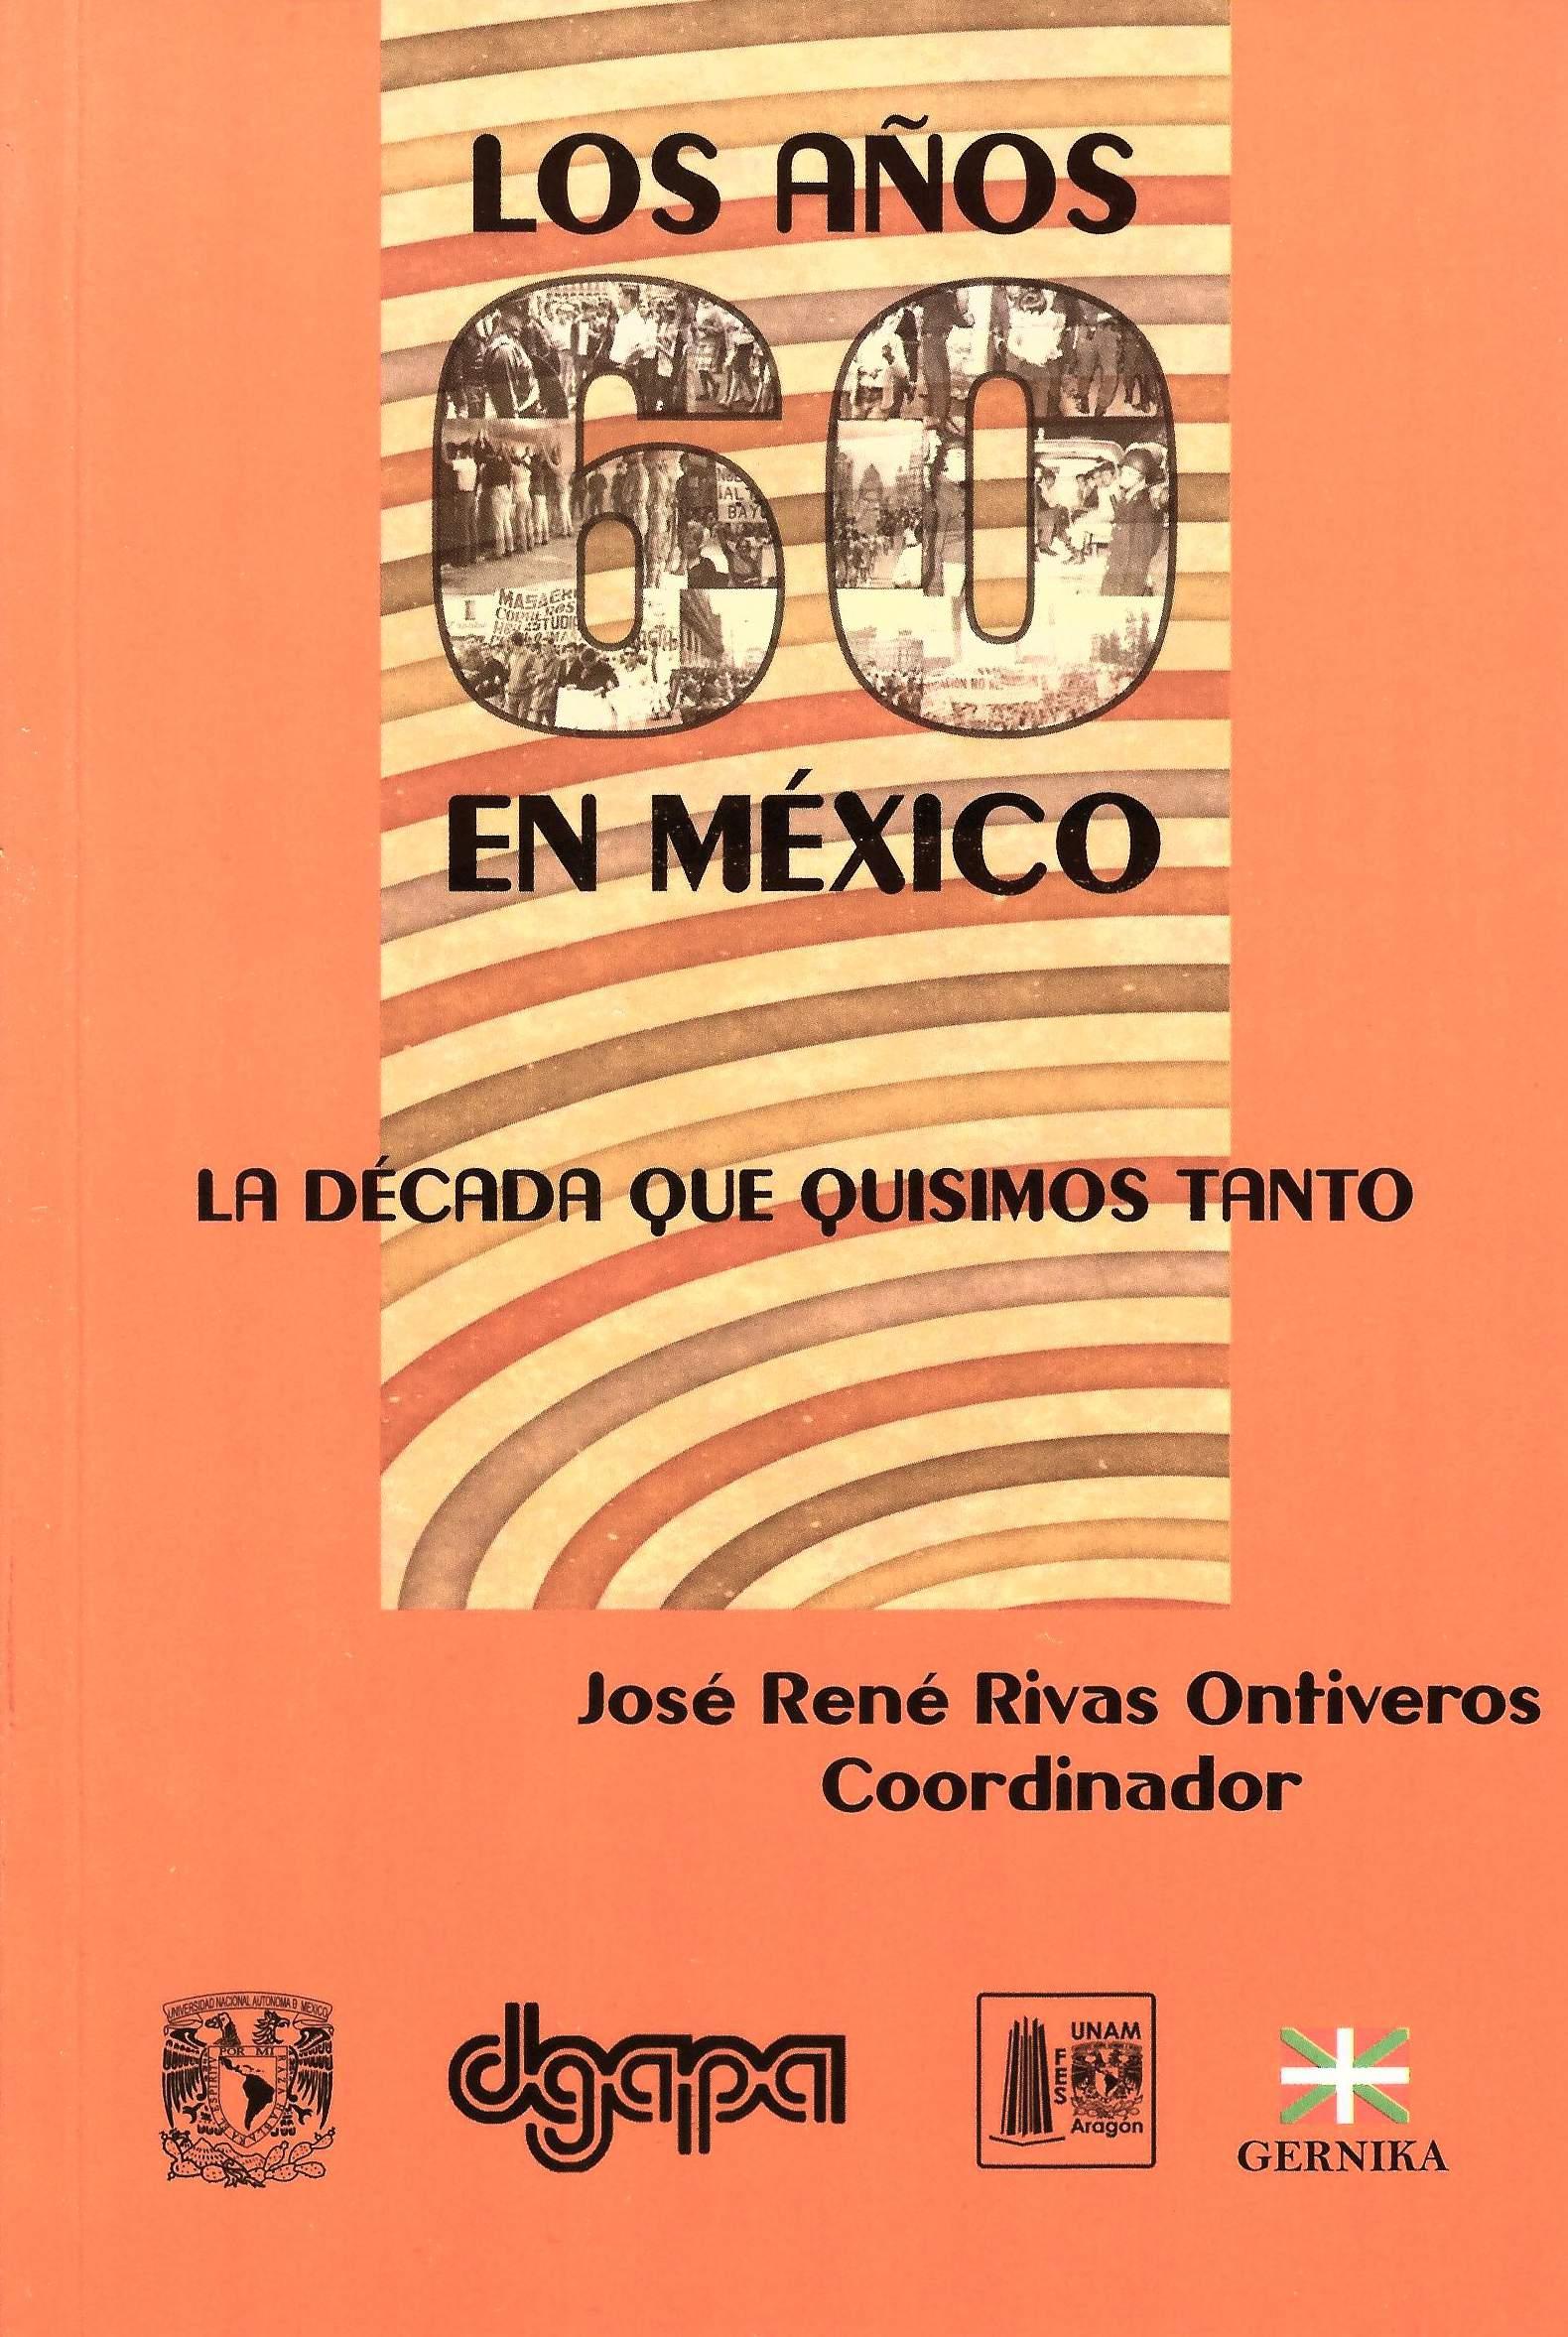 Los años 60 en México: la década que quisimos tanto